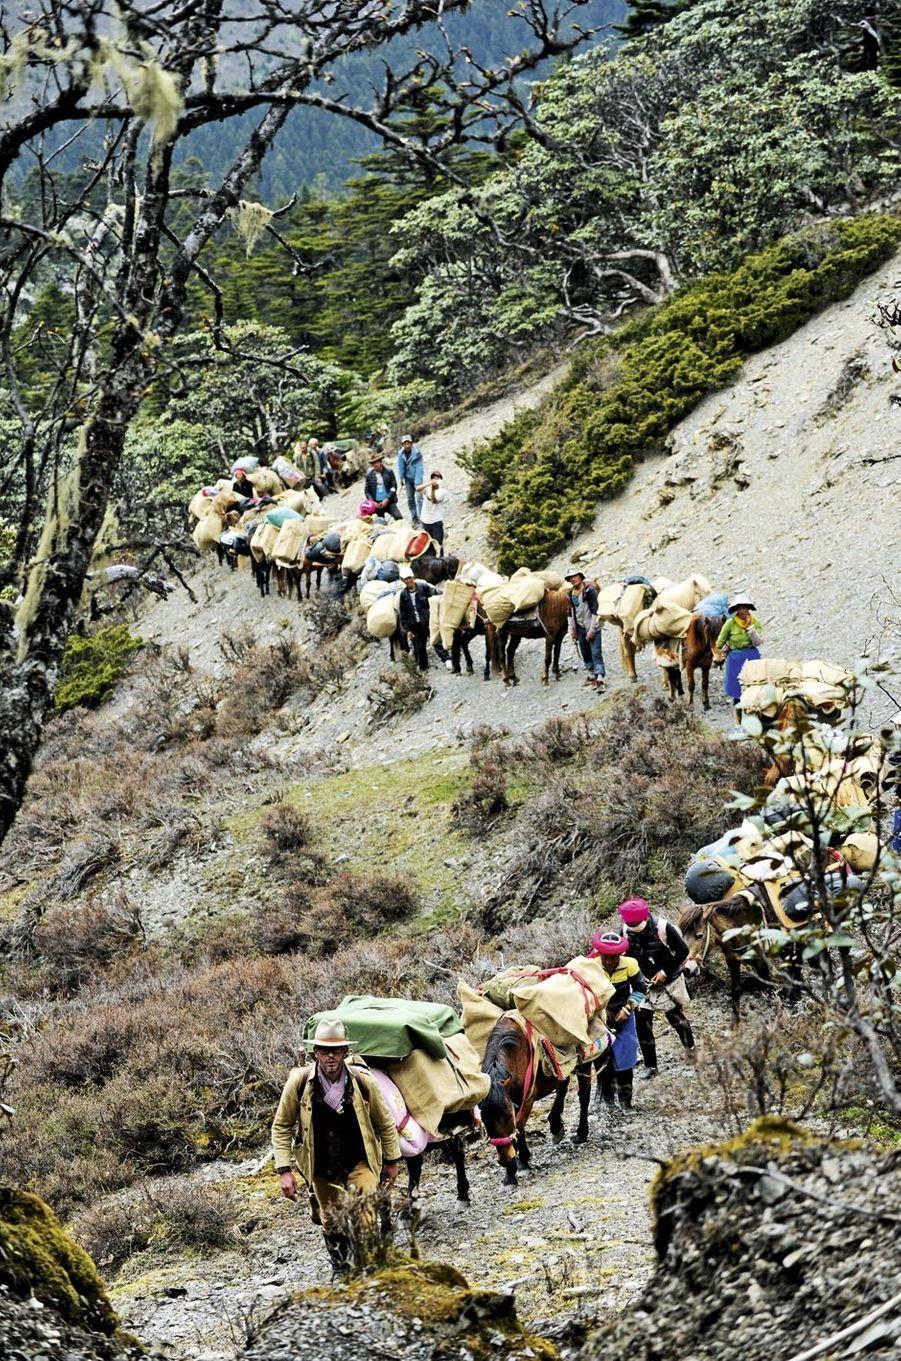 Constantin à la tête du cortège avec les caravaniers tibétains transportant parfois jusqu'à 2tonnes de matériel, nécessaires à l'édification du campement au milieu de la nature.